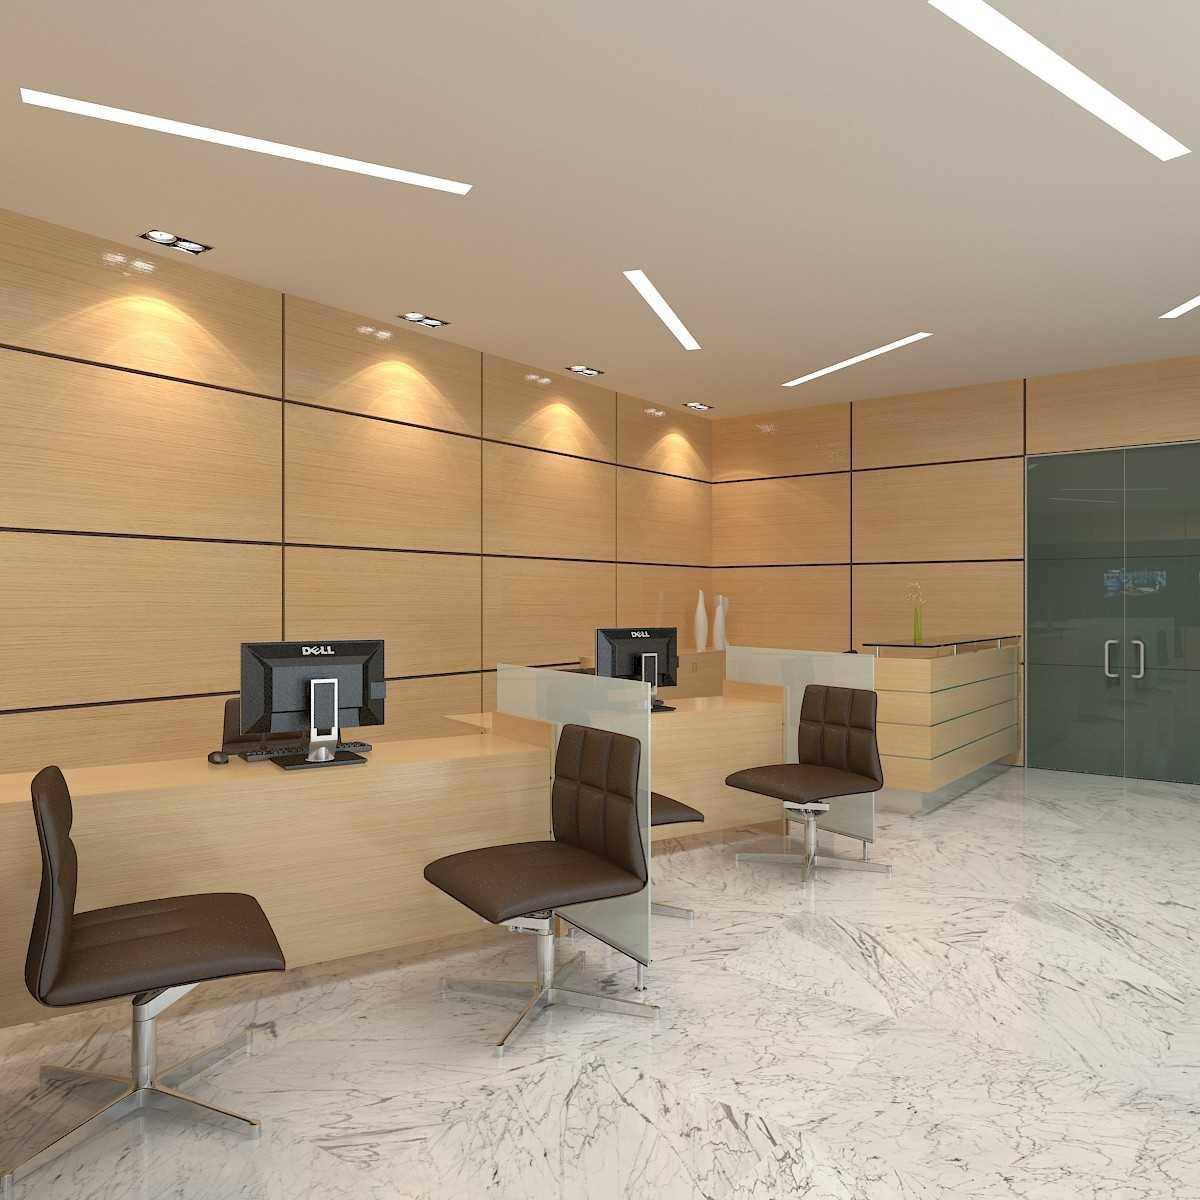 Jr Design Kantor Bank Bni West Jakarta, Kebon Jeruk, West Jakarta City, Jakarta, Indonesia West Jakarta, Kebon Jeruk, West Jakarta City, Jakarta, Indonesia Img0521 Modern 32055